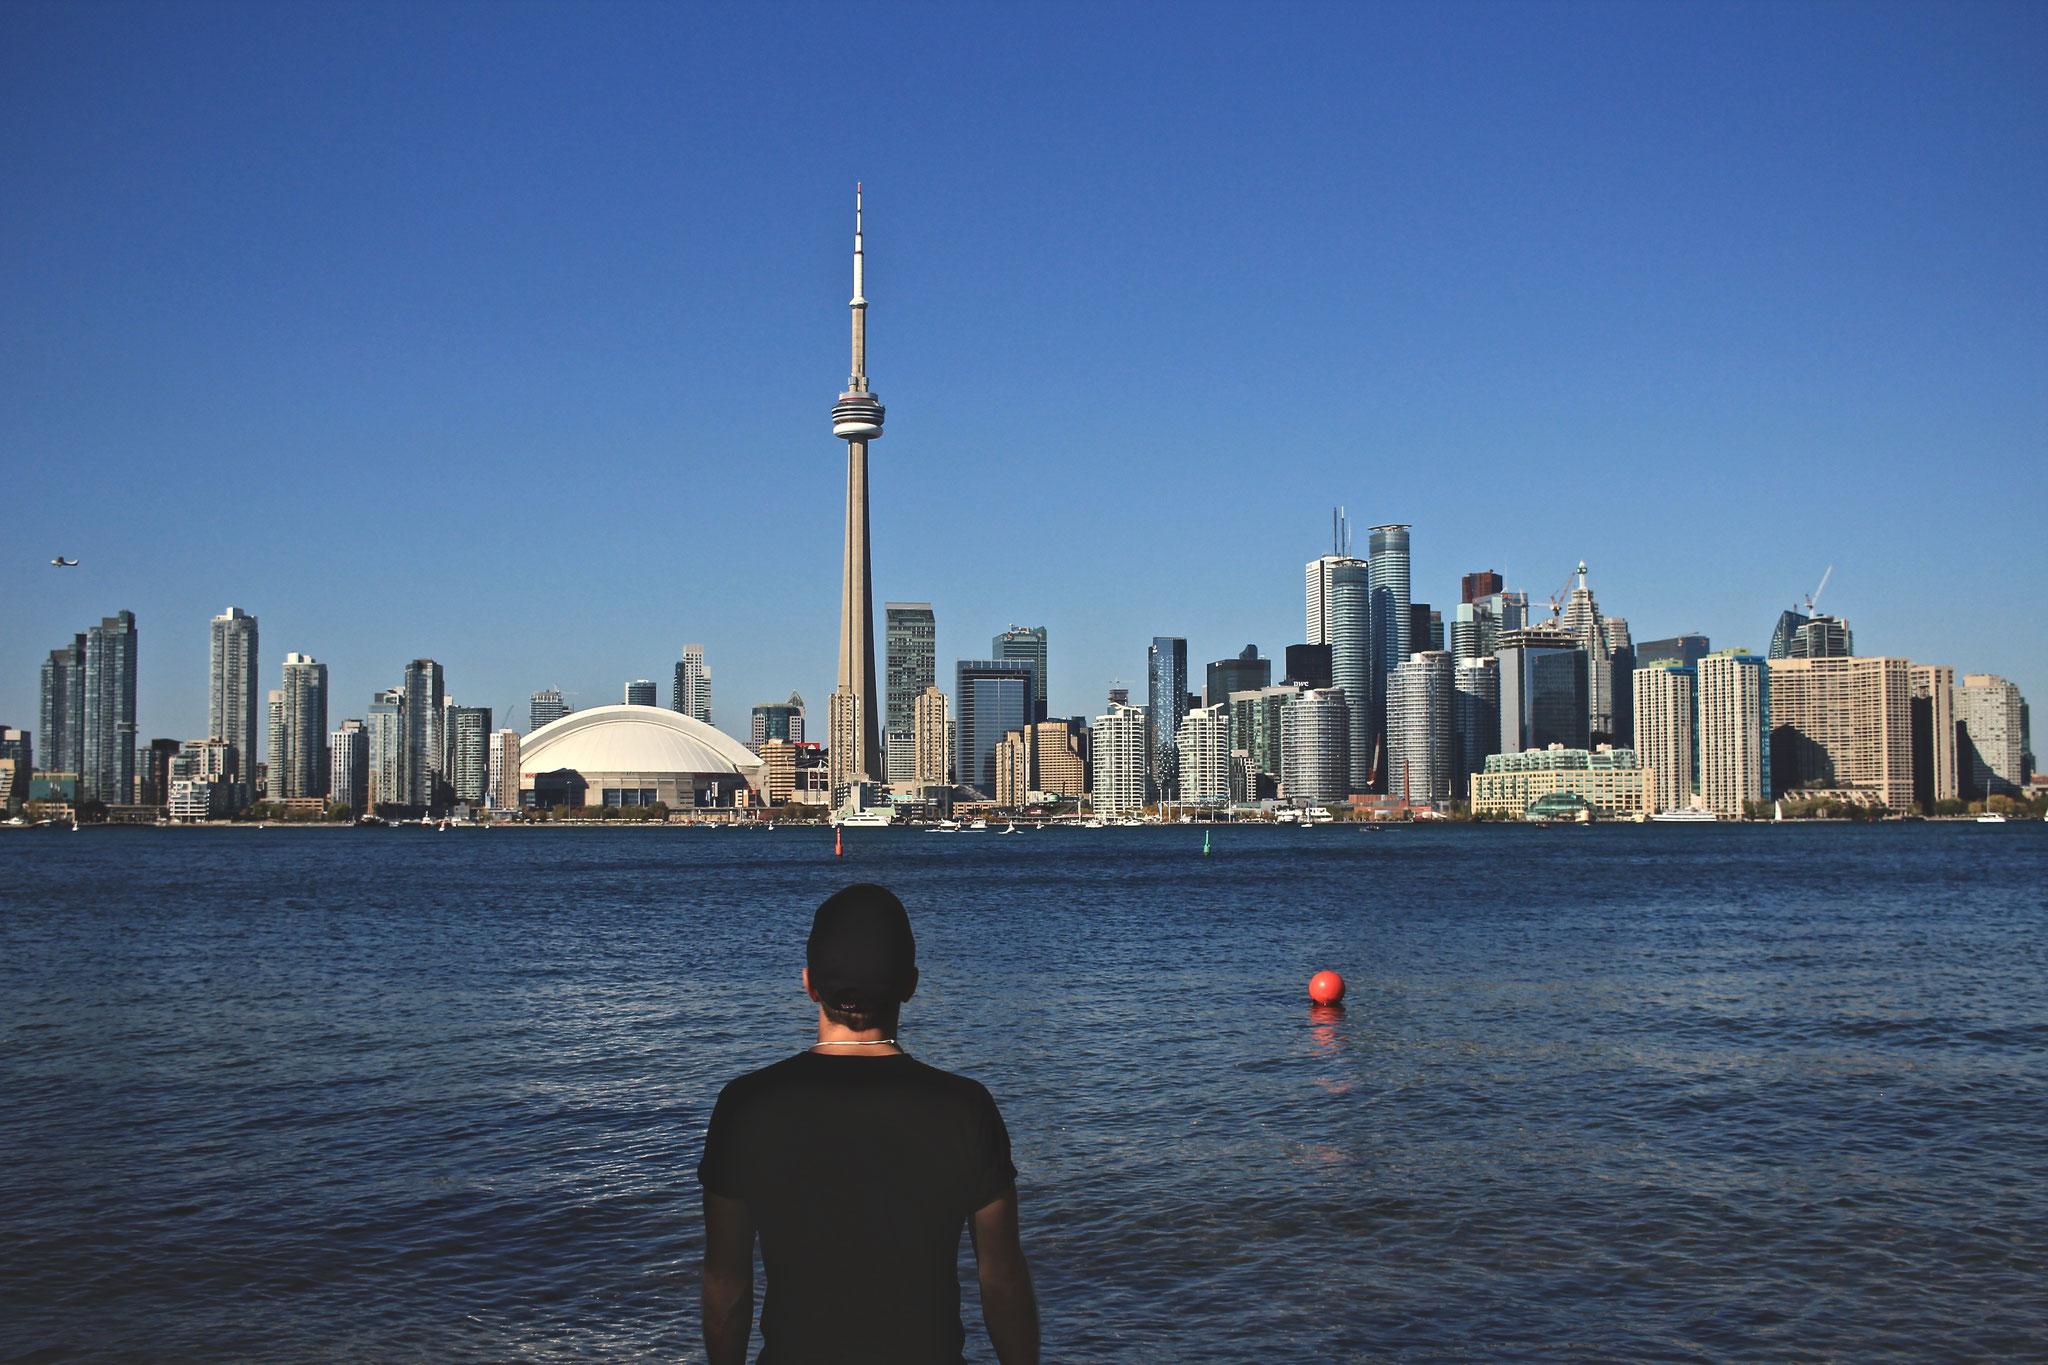 Toronto, Canada 2015